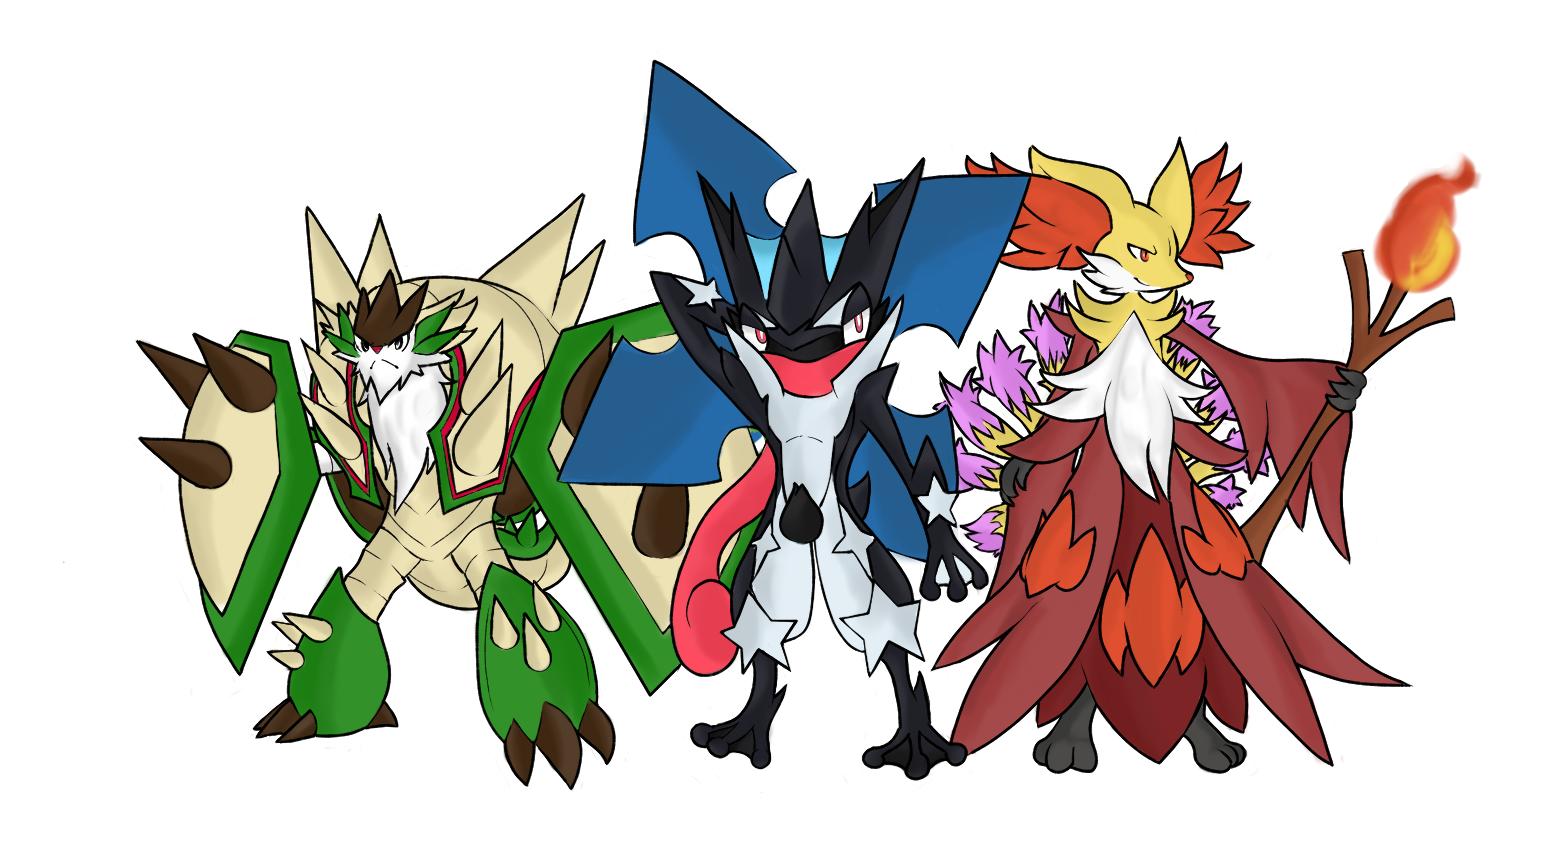 Mega evolution 6 gen starters by betax64 on deviantart - X mega evolutions ...